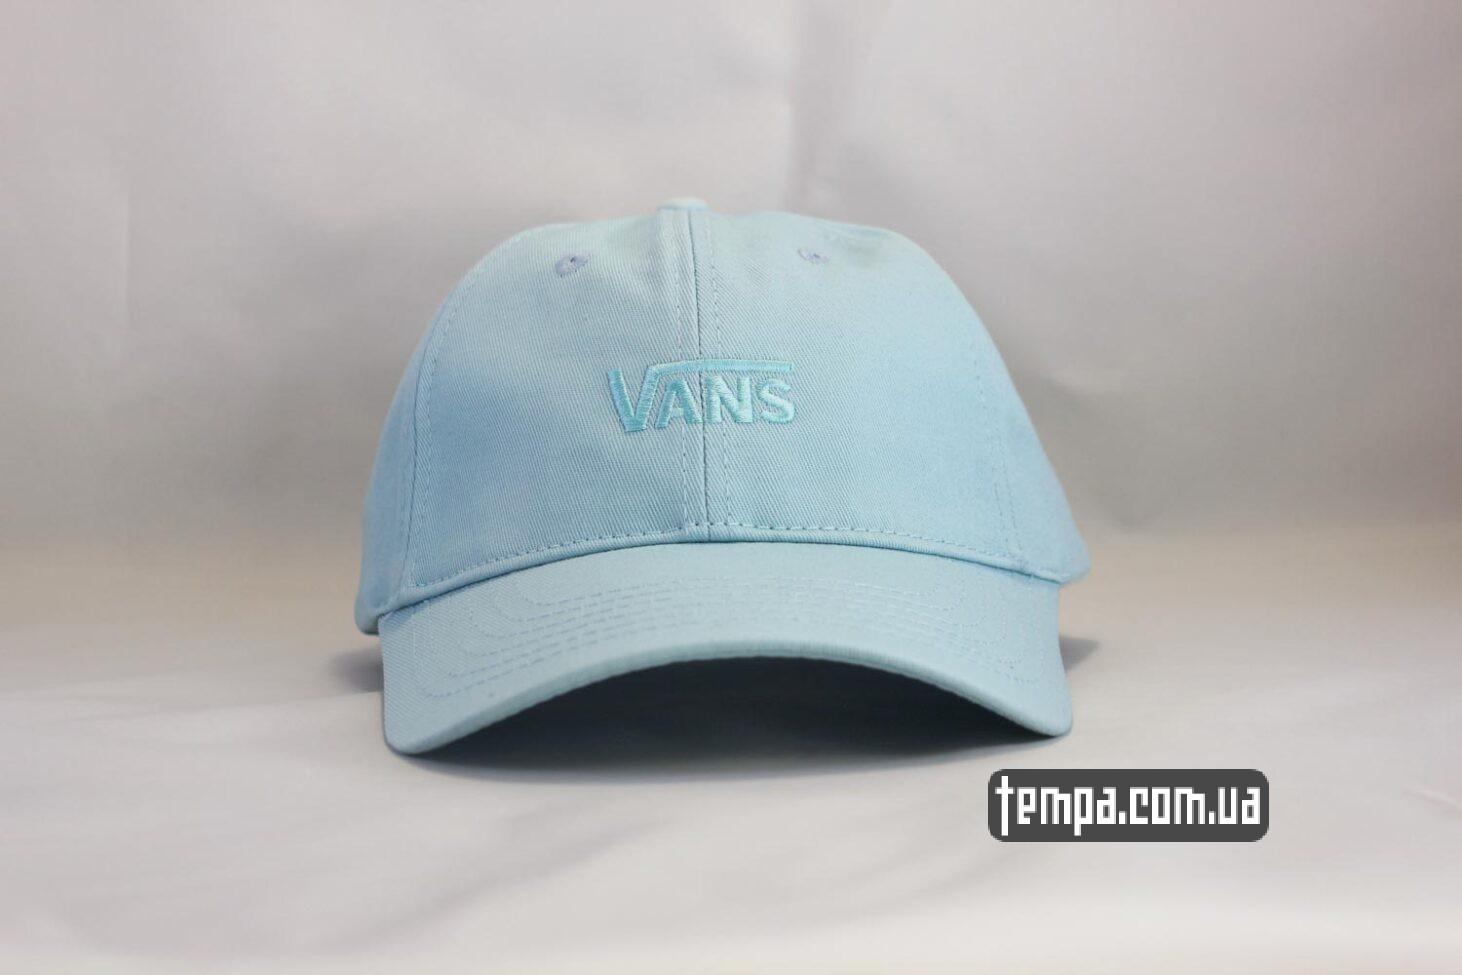 кепка Vans snapback голубая купить Украина